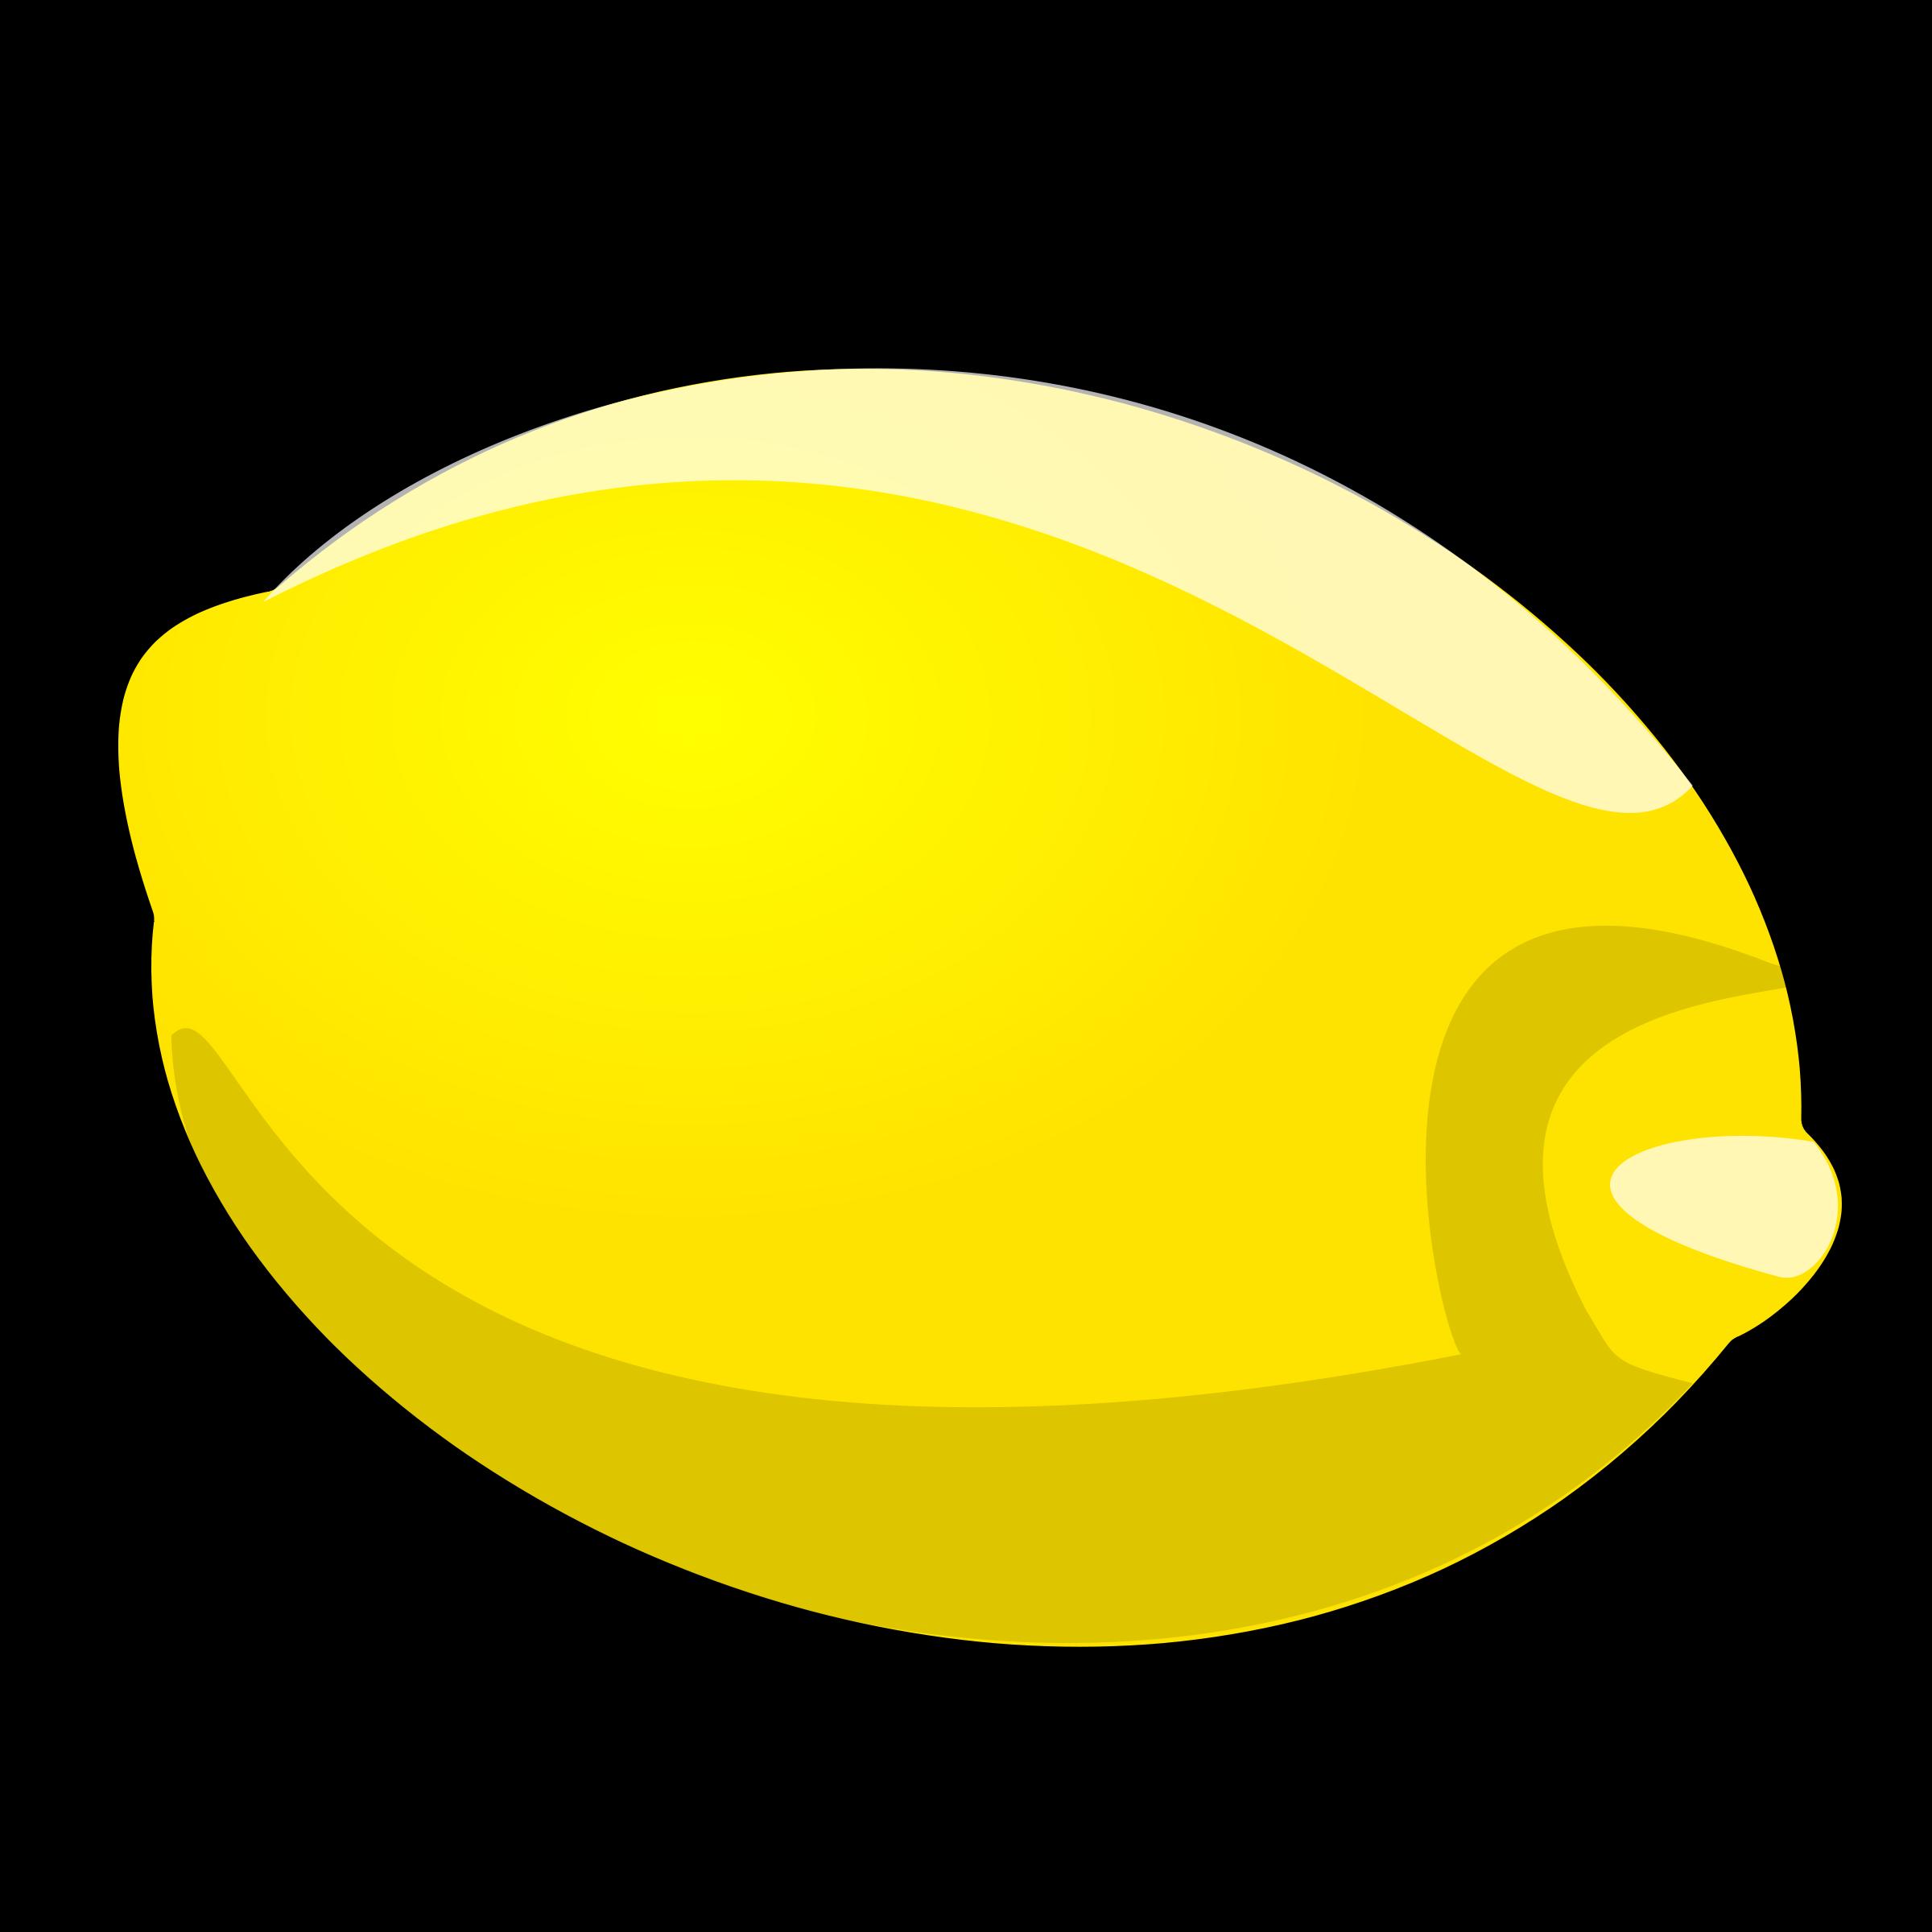 Lemon clip art.